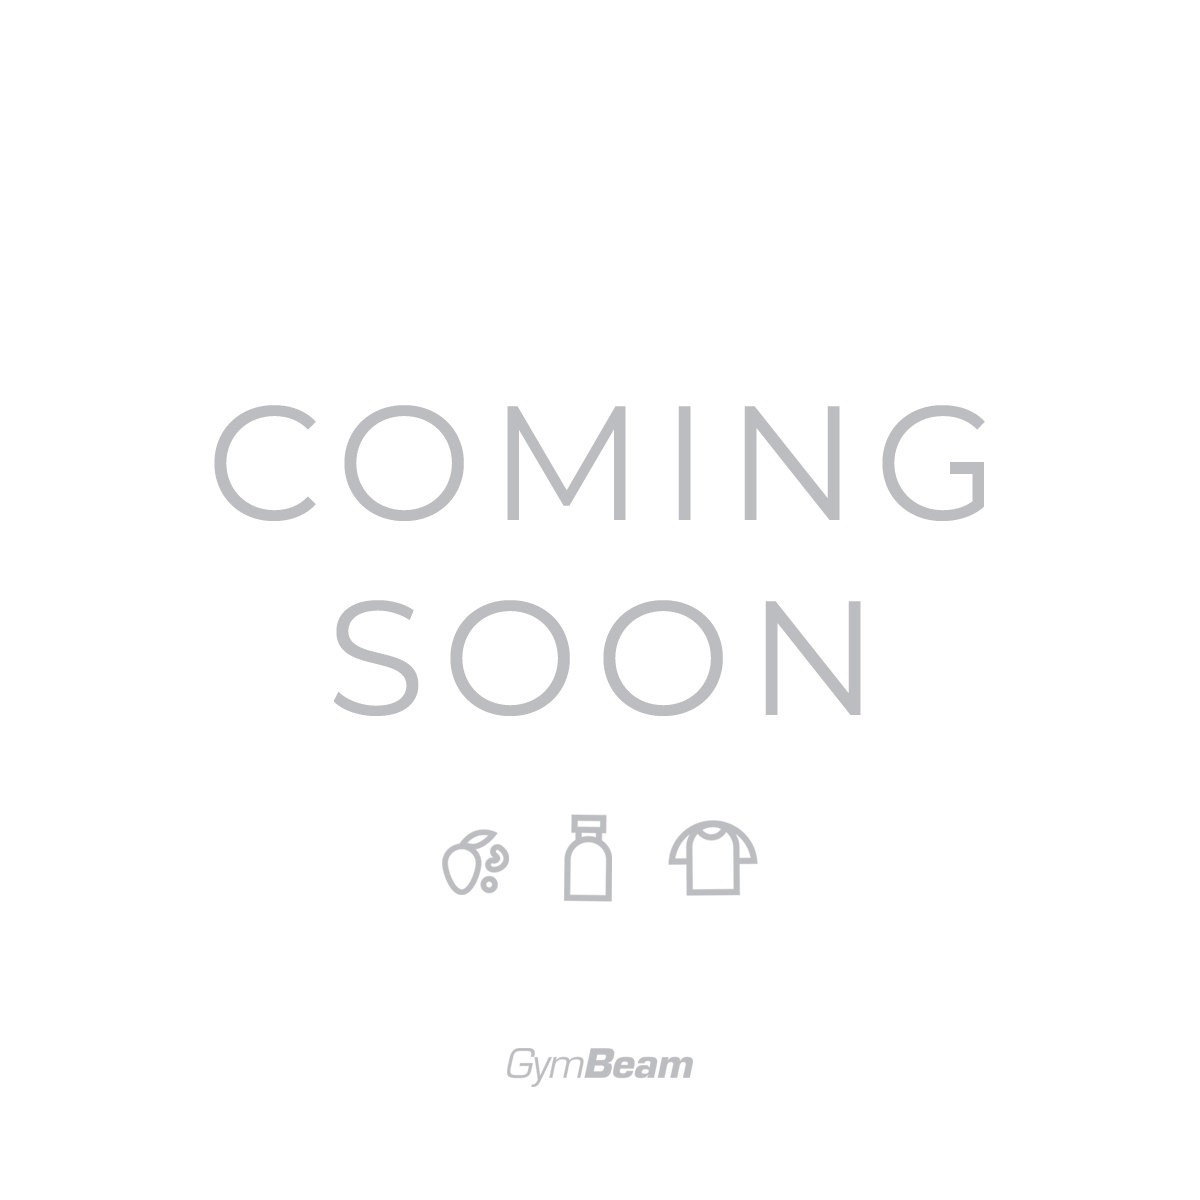 Proteine True Whey - GymBeam